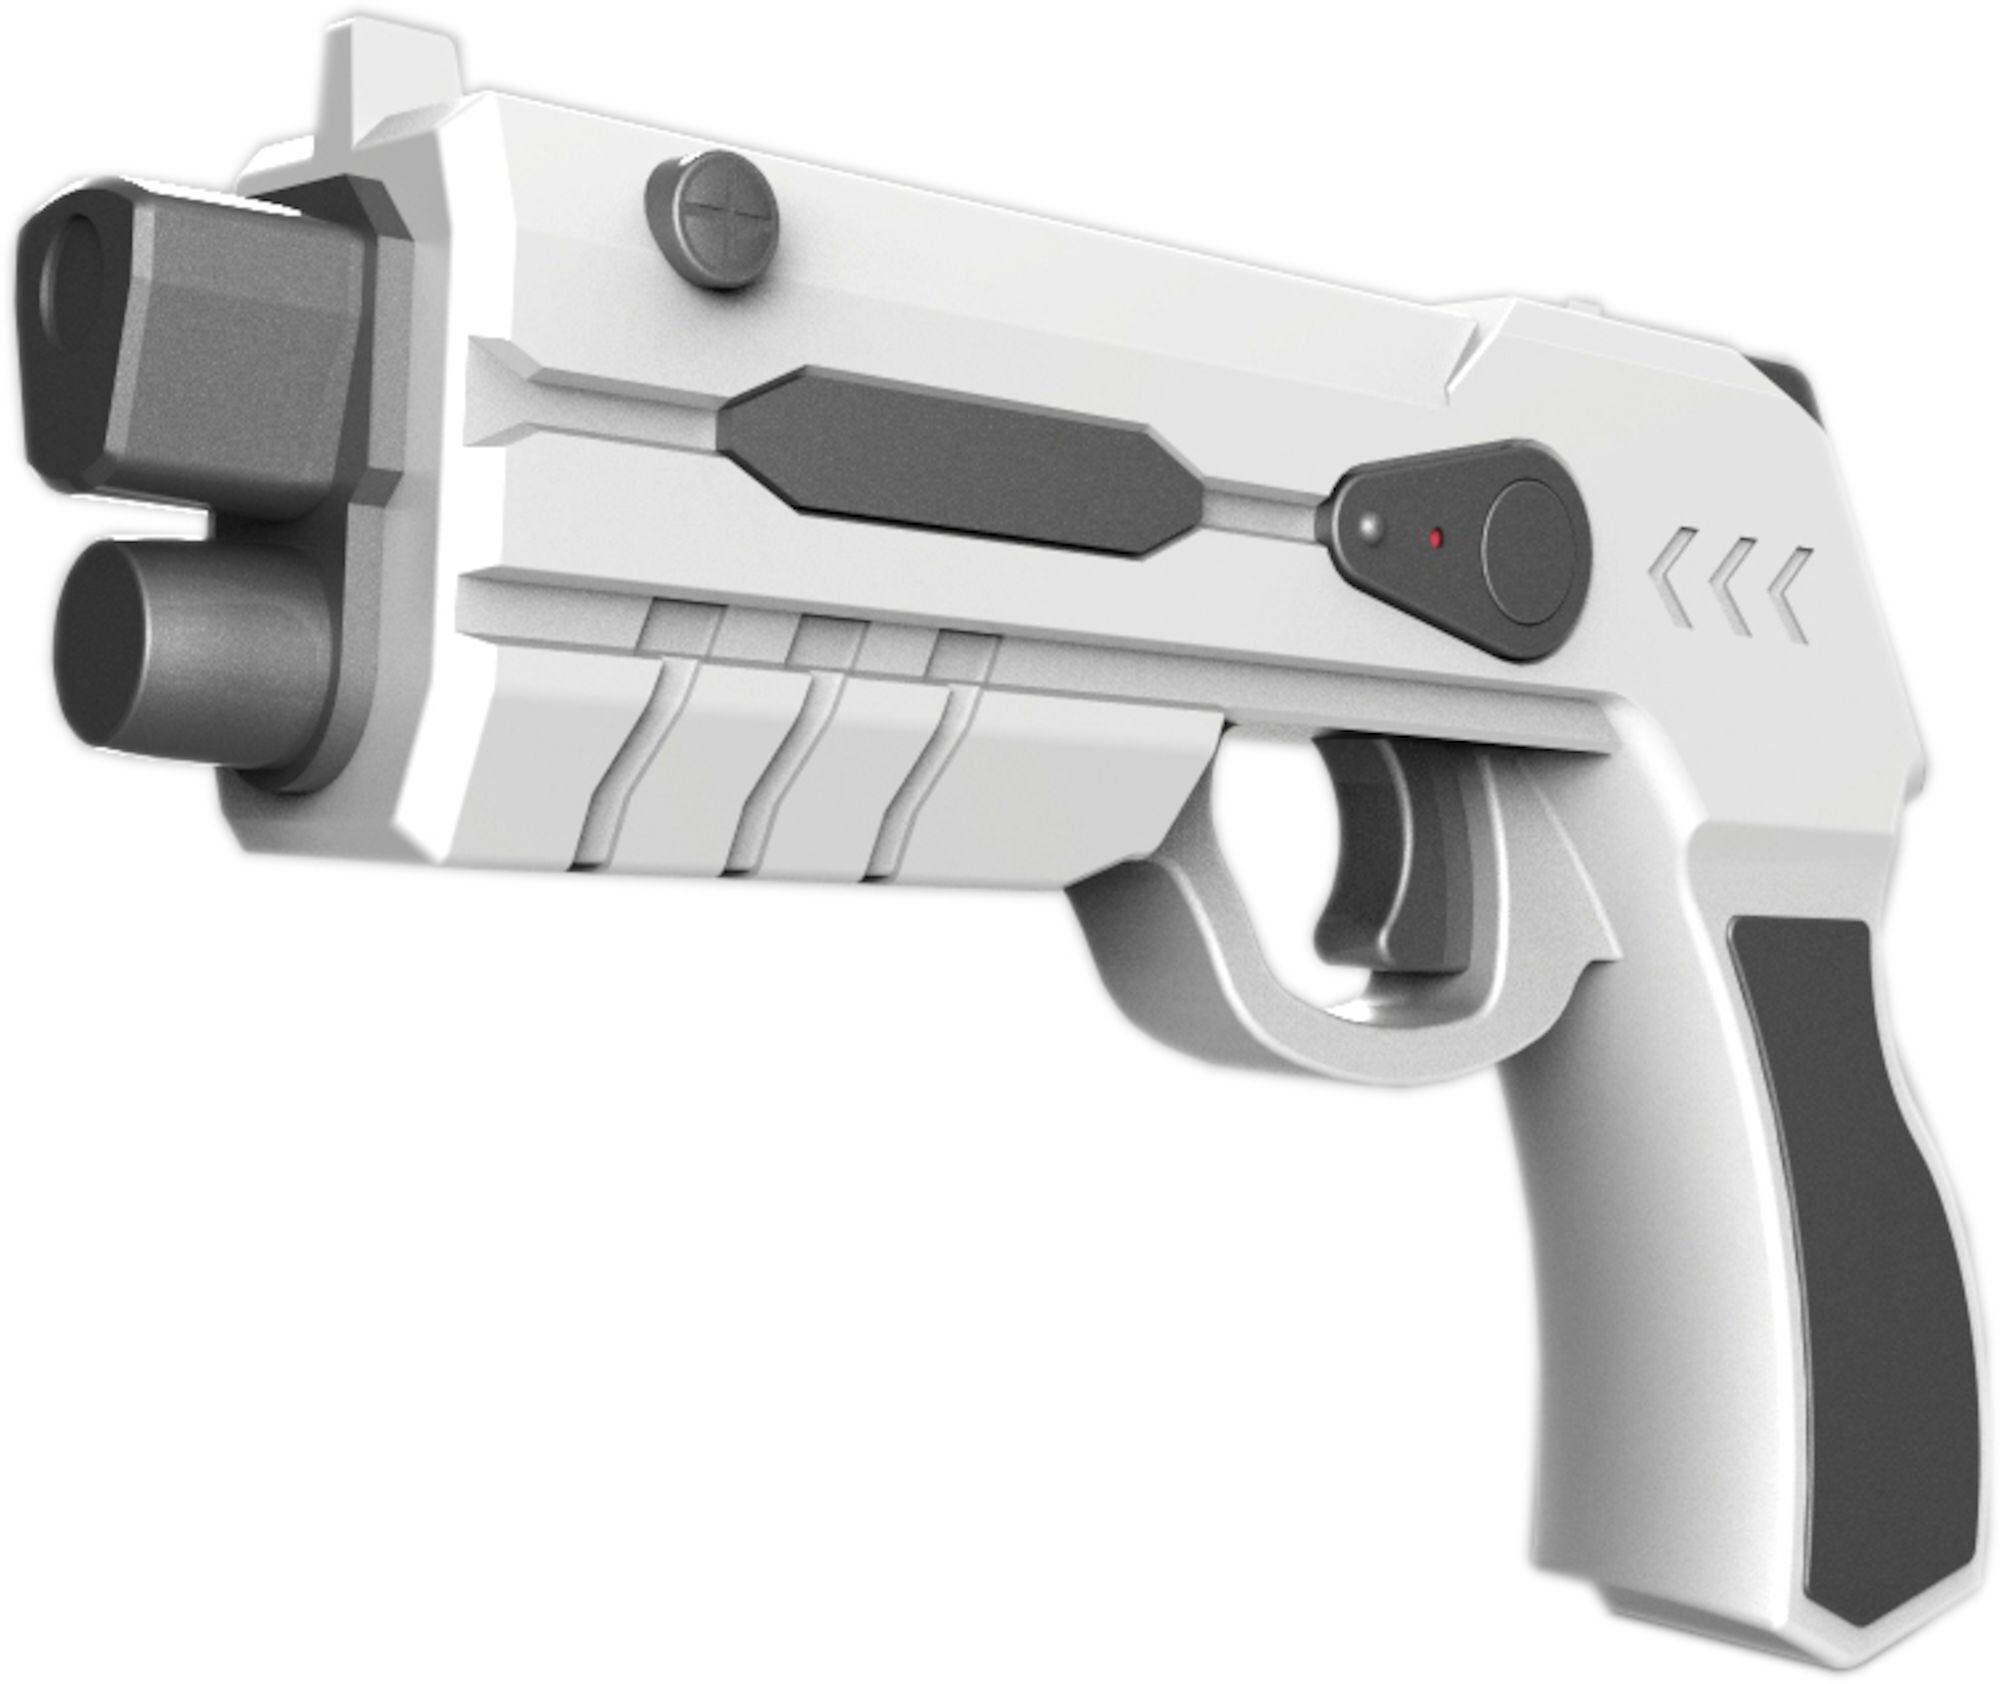 iDance Pistol til AR-spill Blaster ARG-2